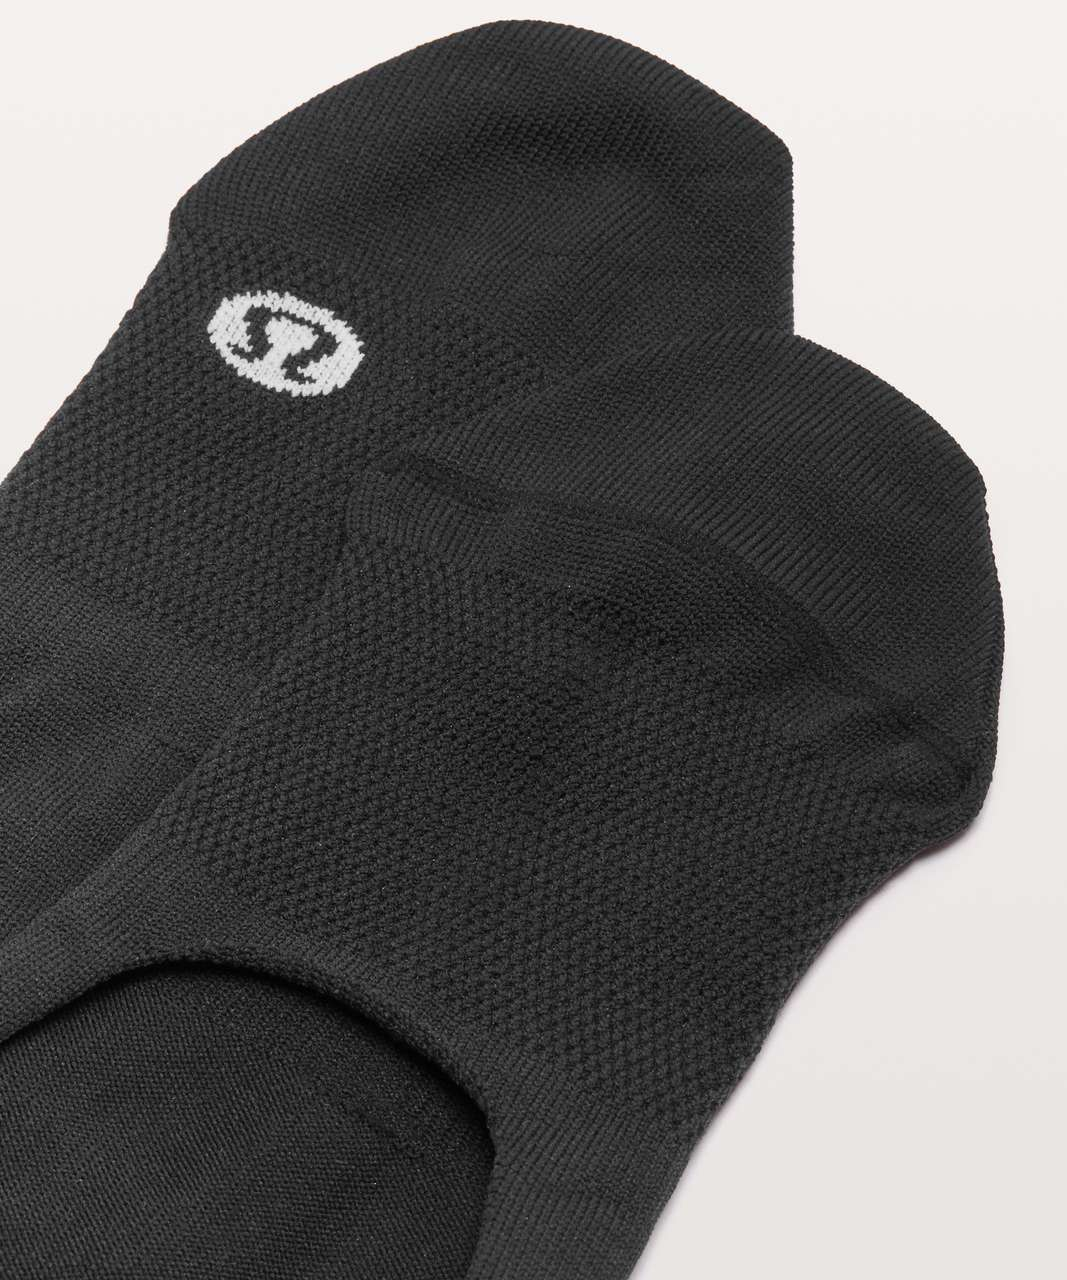 Lululemon Secret Sock - Black (Third Release)